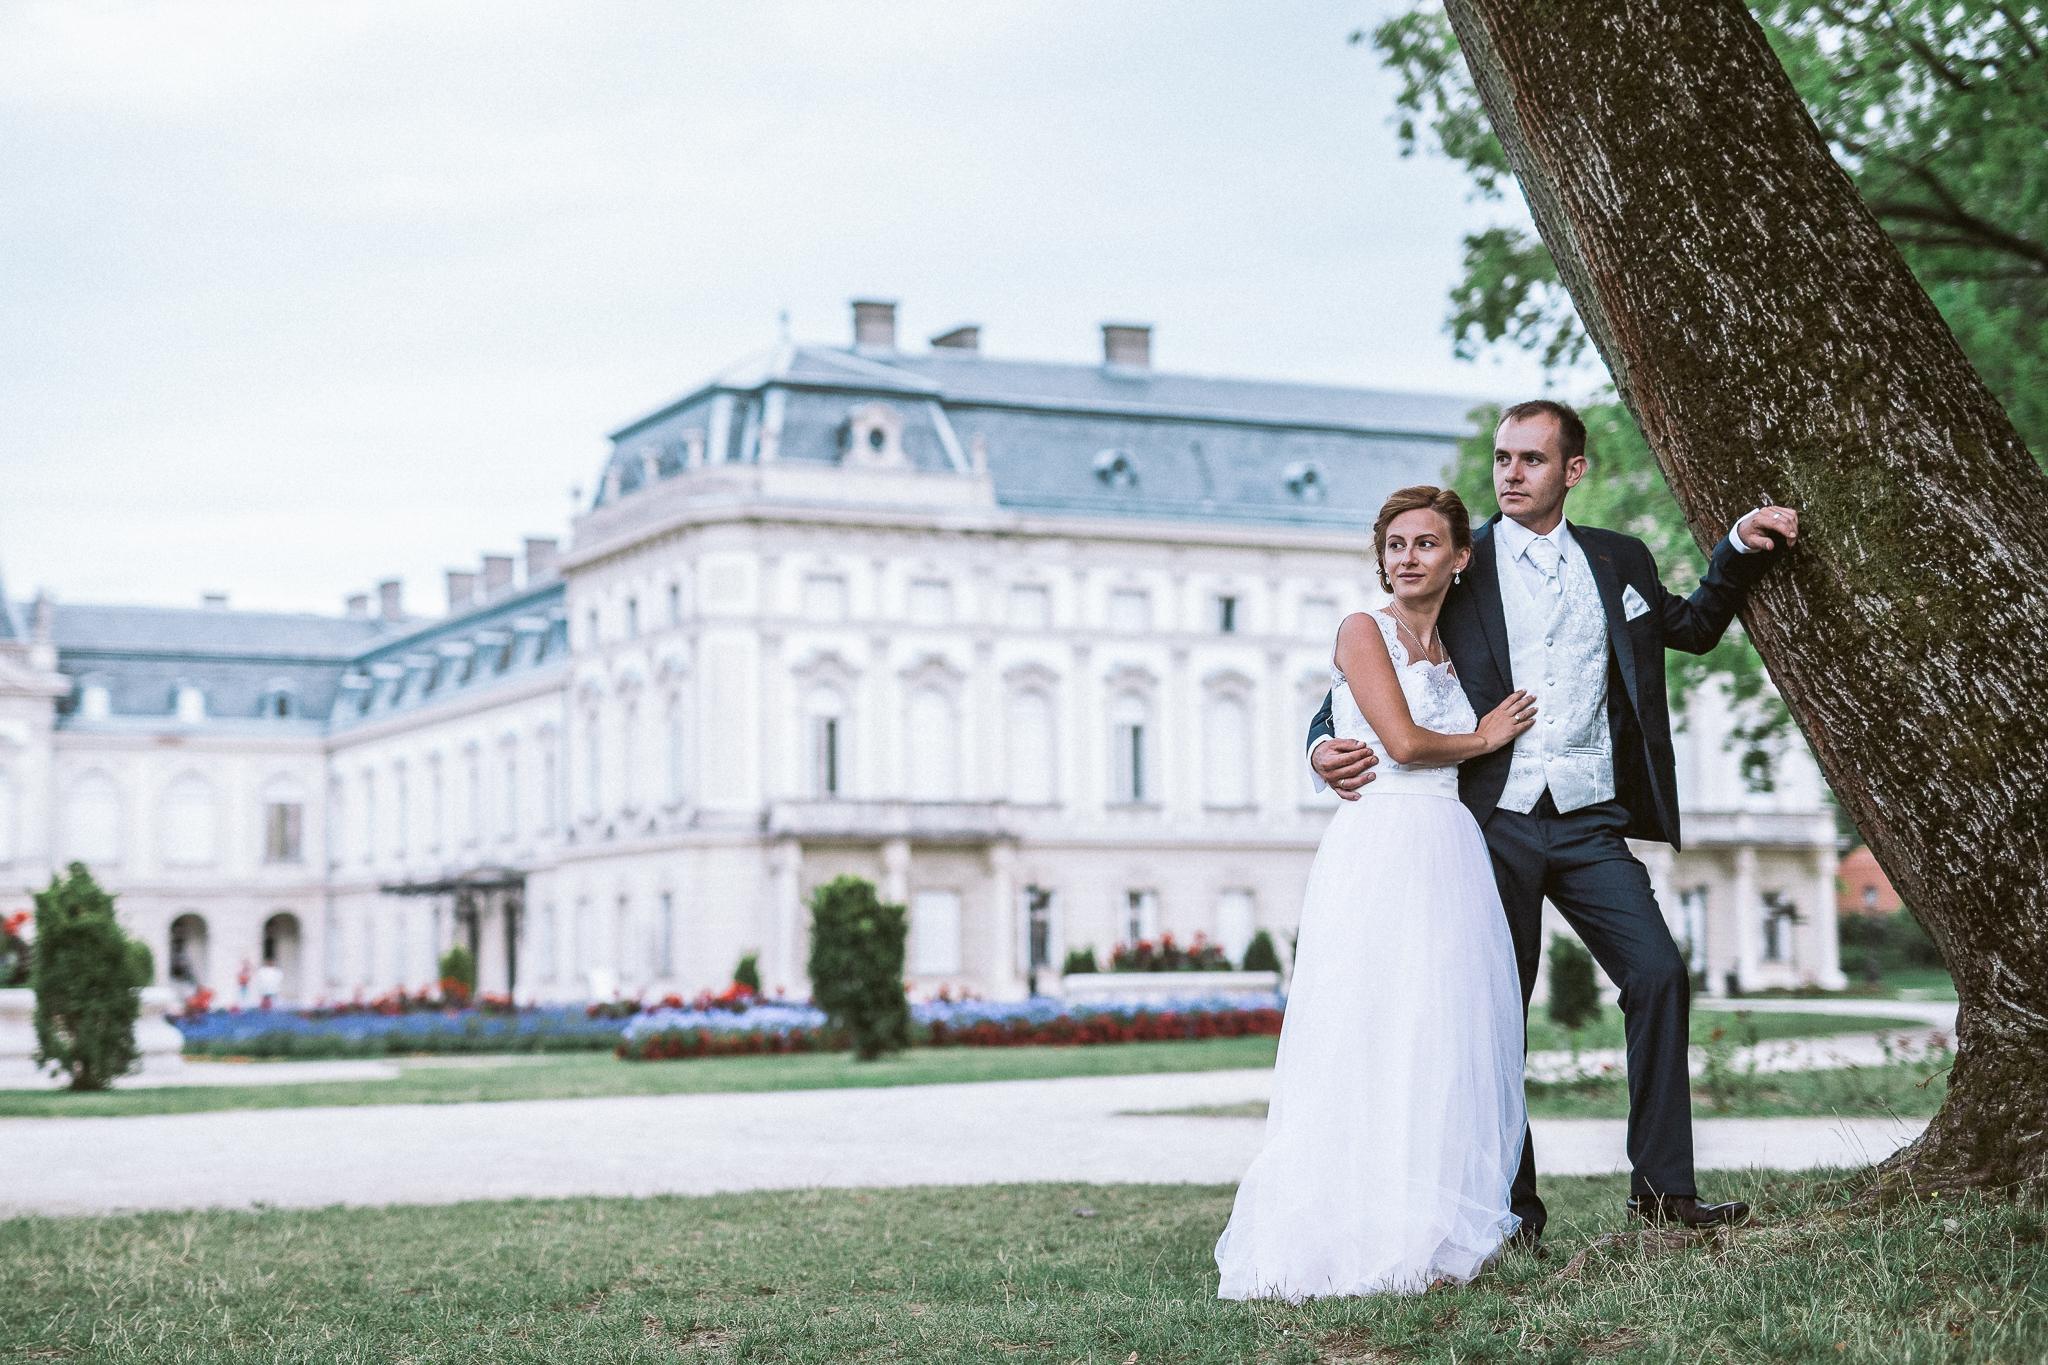 FylepPhoto, esküvőfotós, esküvői fotós Körmend, Szombathely, esküvőfotózás, magyarország, vas megye, prémium, jegyesfotózás, Fülöp Péter, körmend, kreatív, fotográfus_54-2.jpg